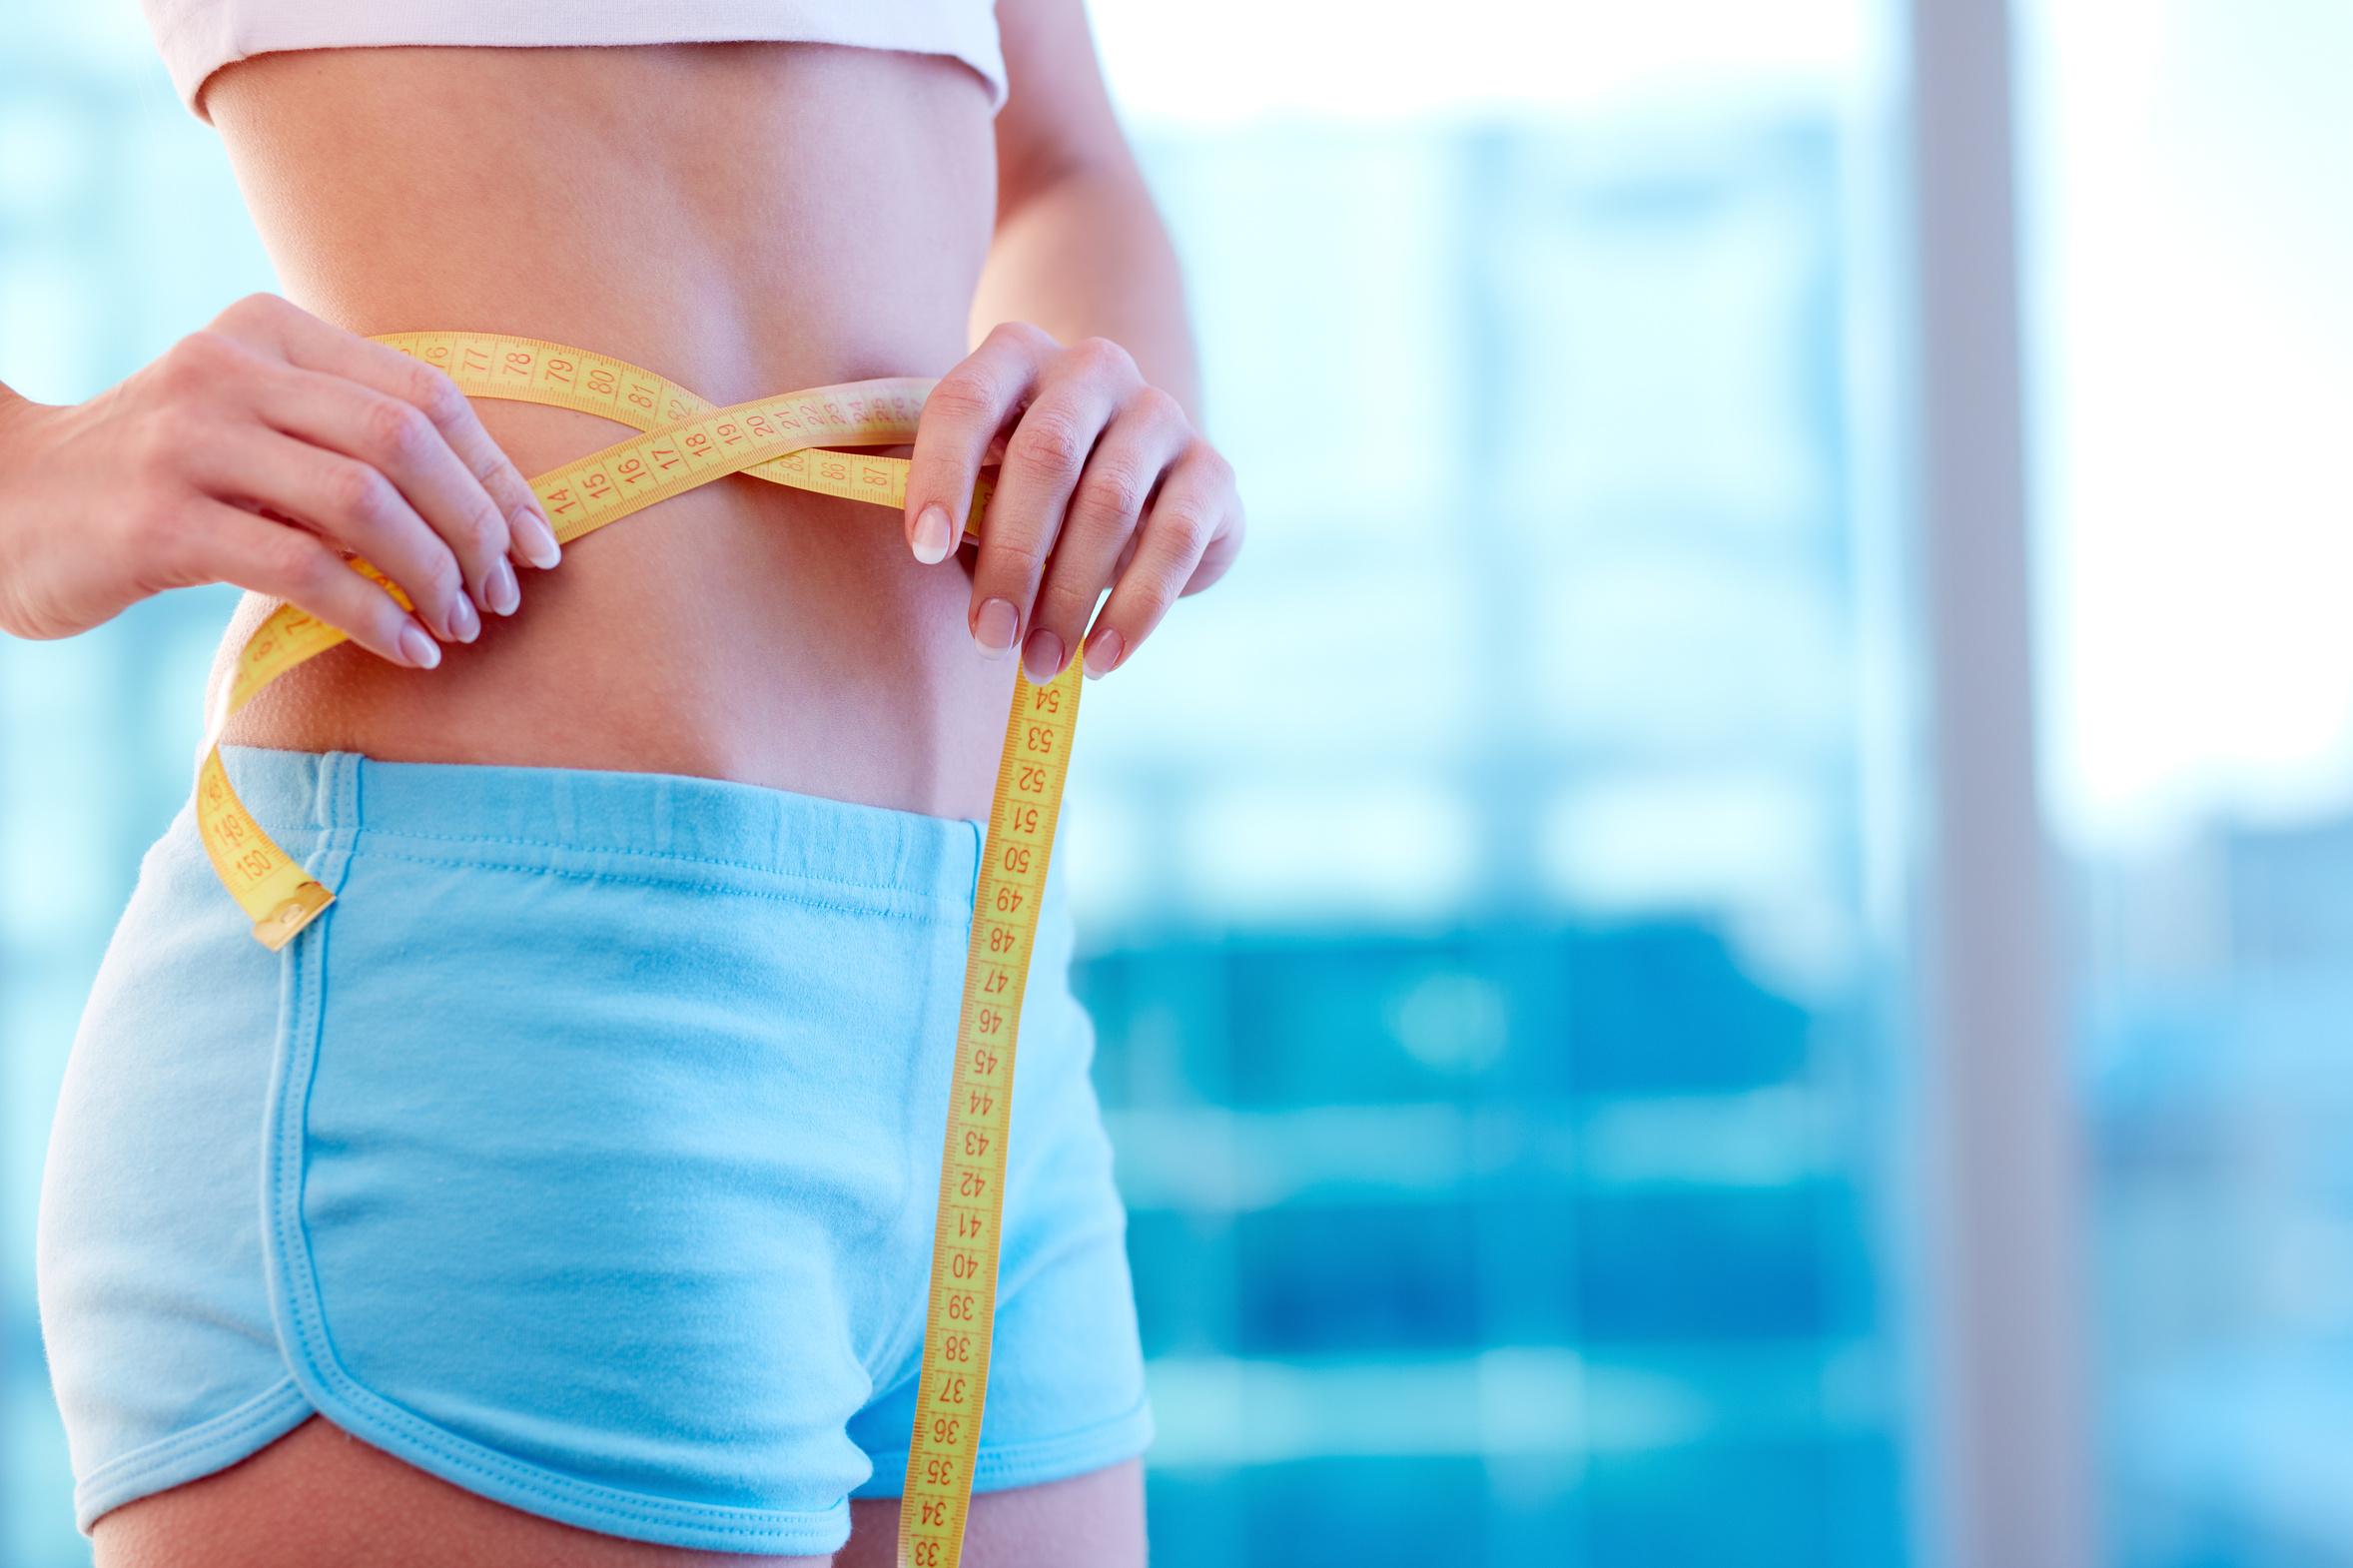 Hány kilót lehet fogyni egy hét alatt? - Fogyókúra   Femina